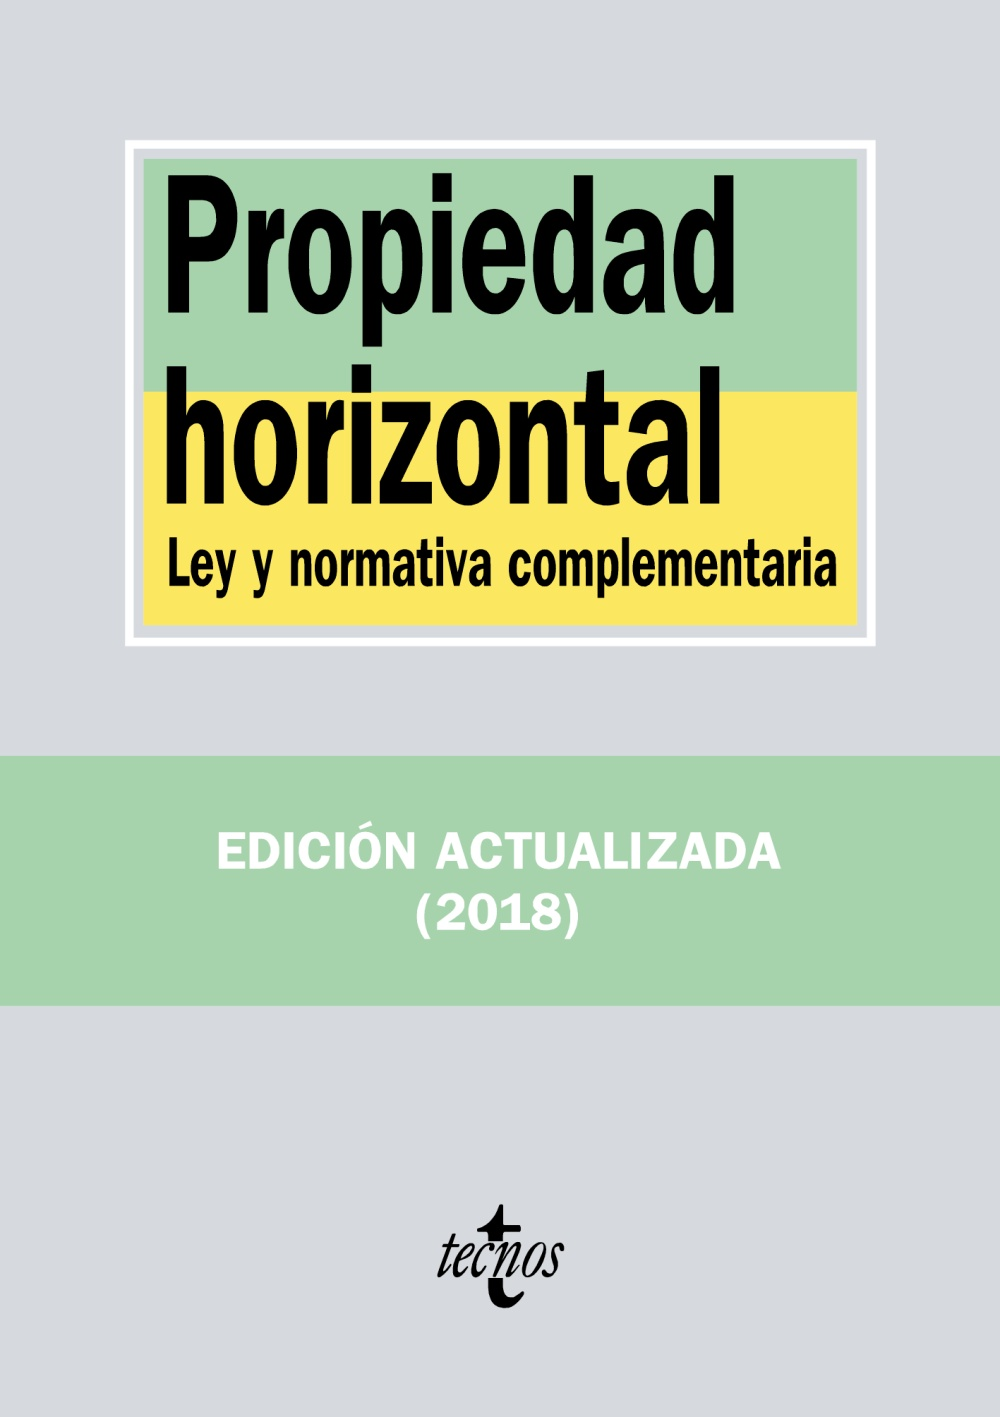 Propiedad horizontal